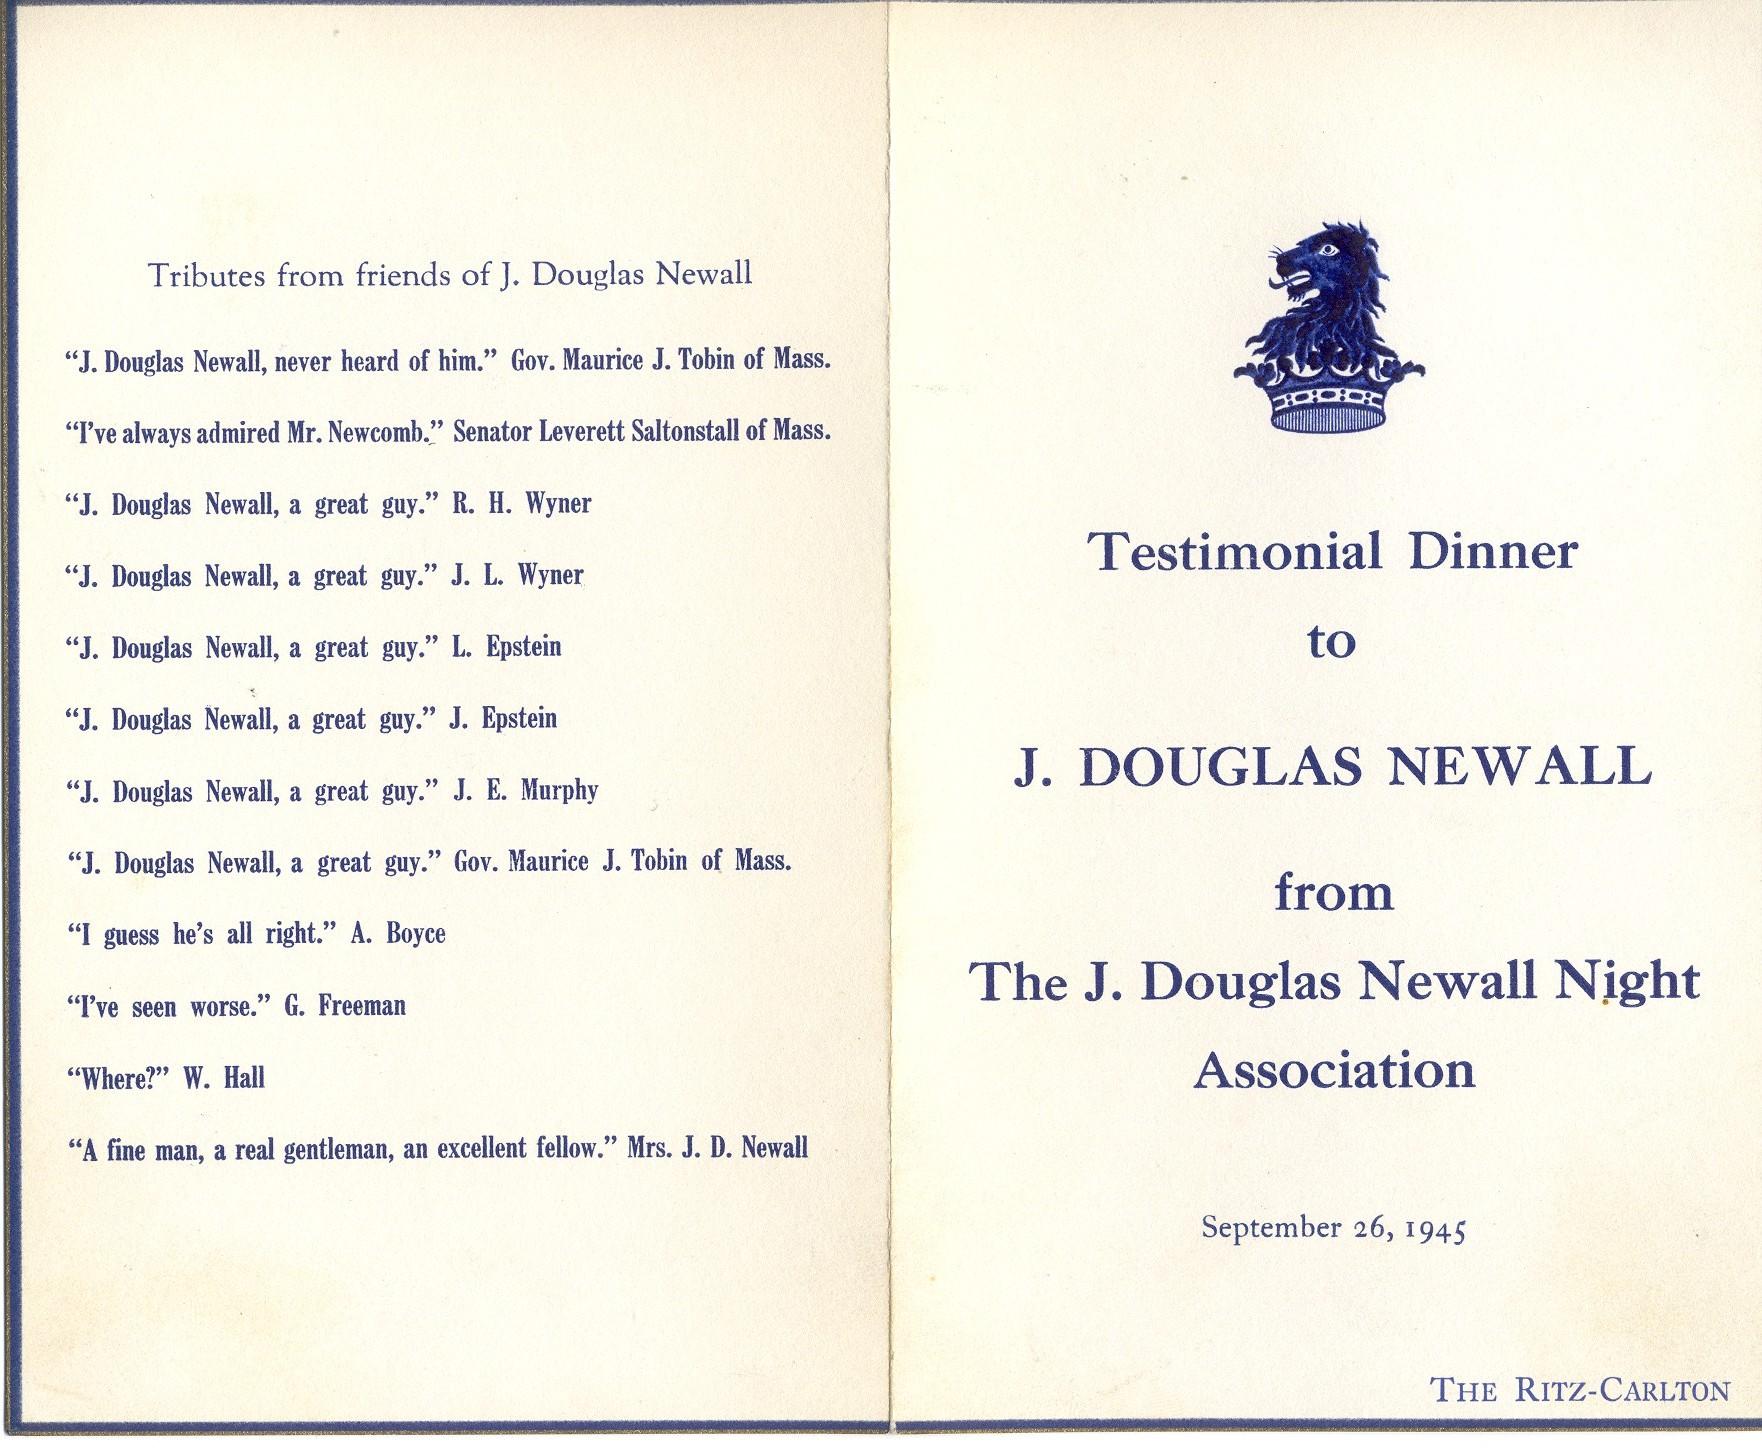 Testimonial Dinner to J. Douglas Newall - Cover